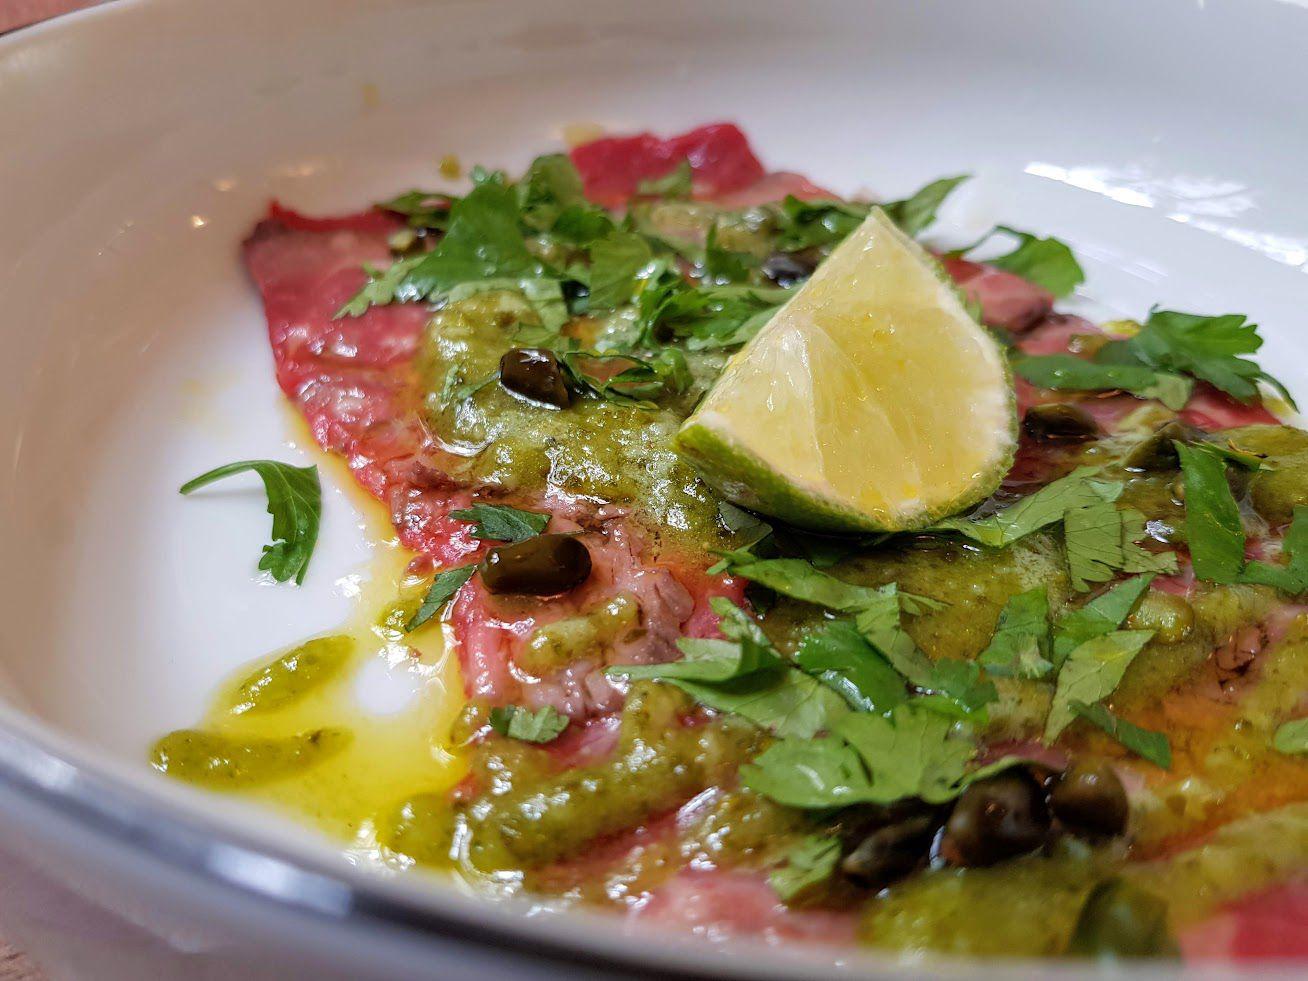 Boeuf mariné, pesto de pistache, huile de colza torréfiée Le Cellier Stéphane Pitré restaurant Paris 9